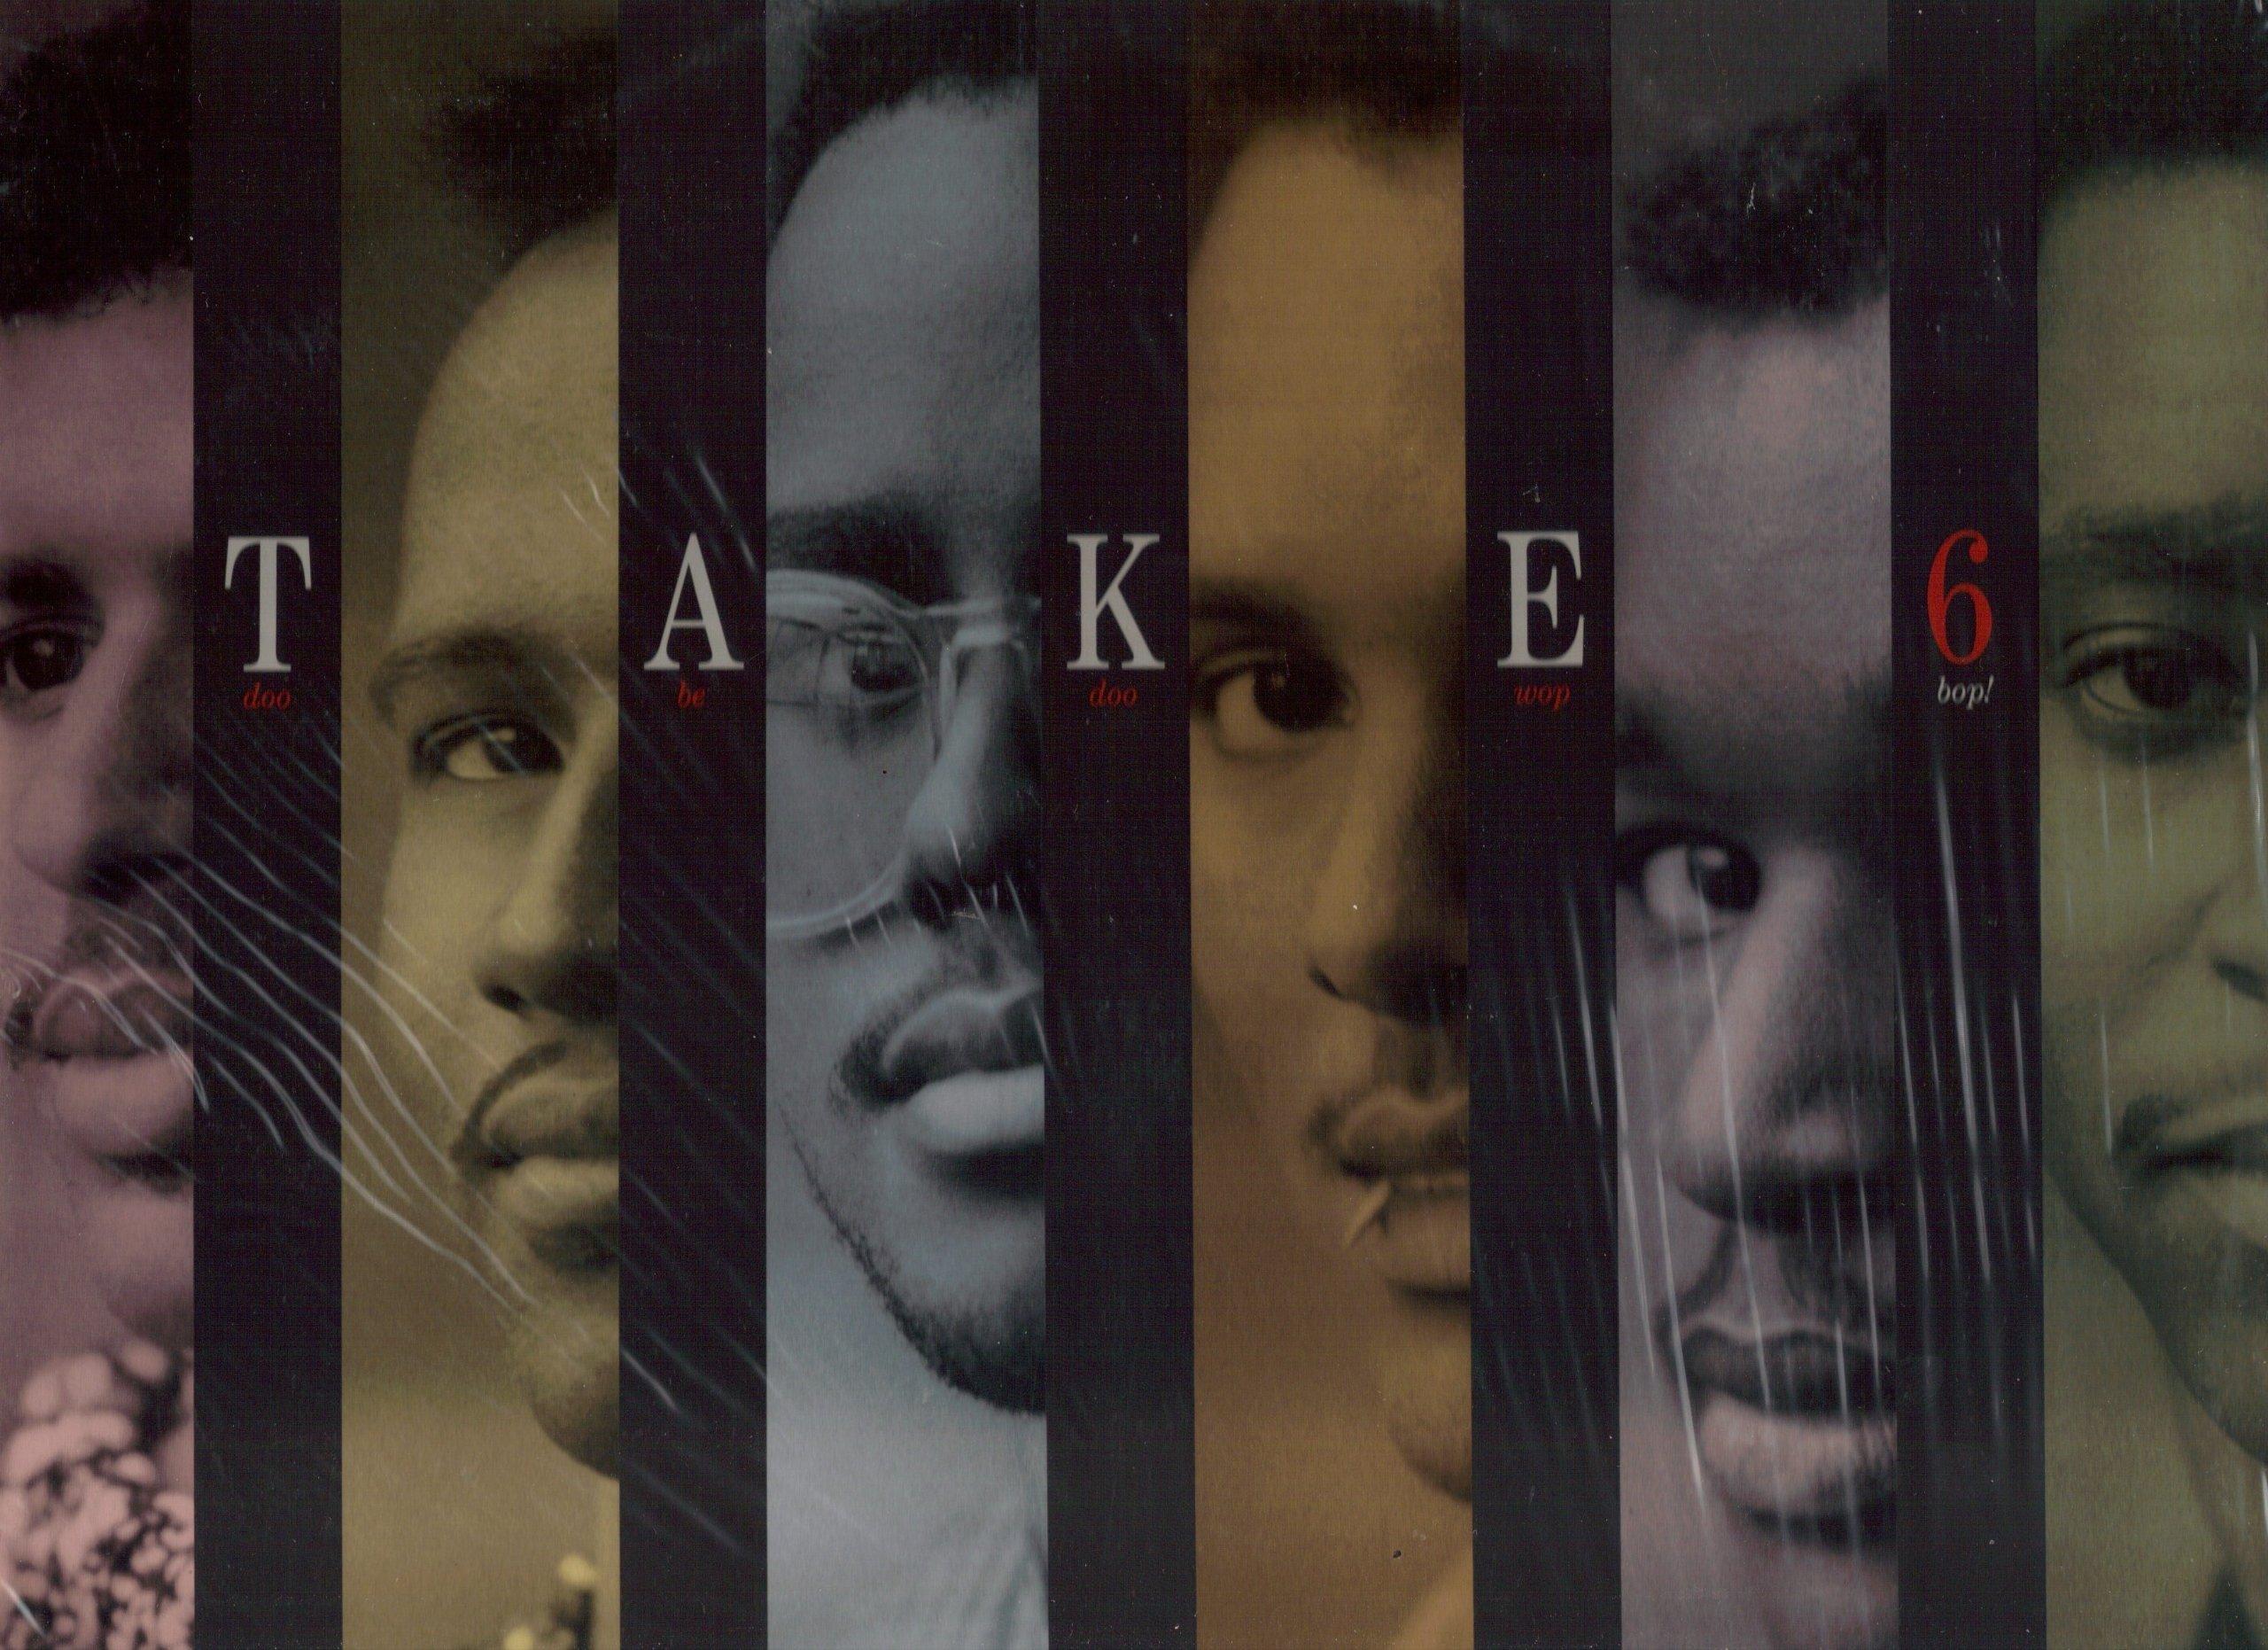 Take 6 [Vinyl]